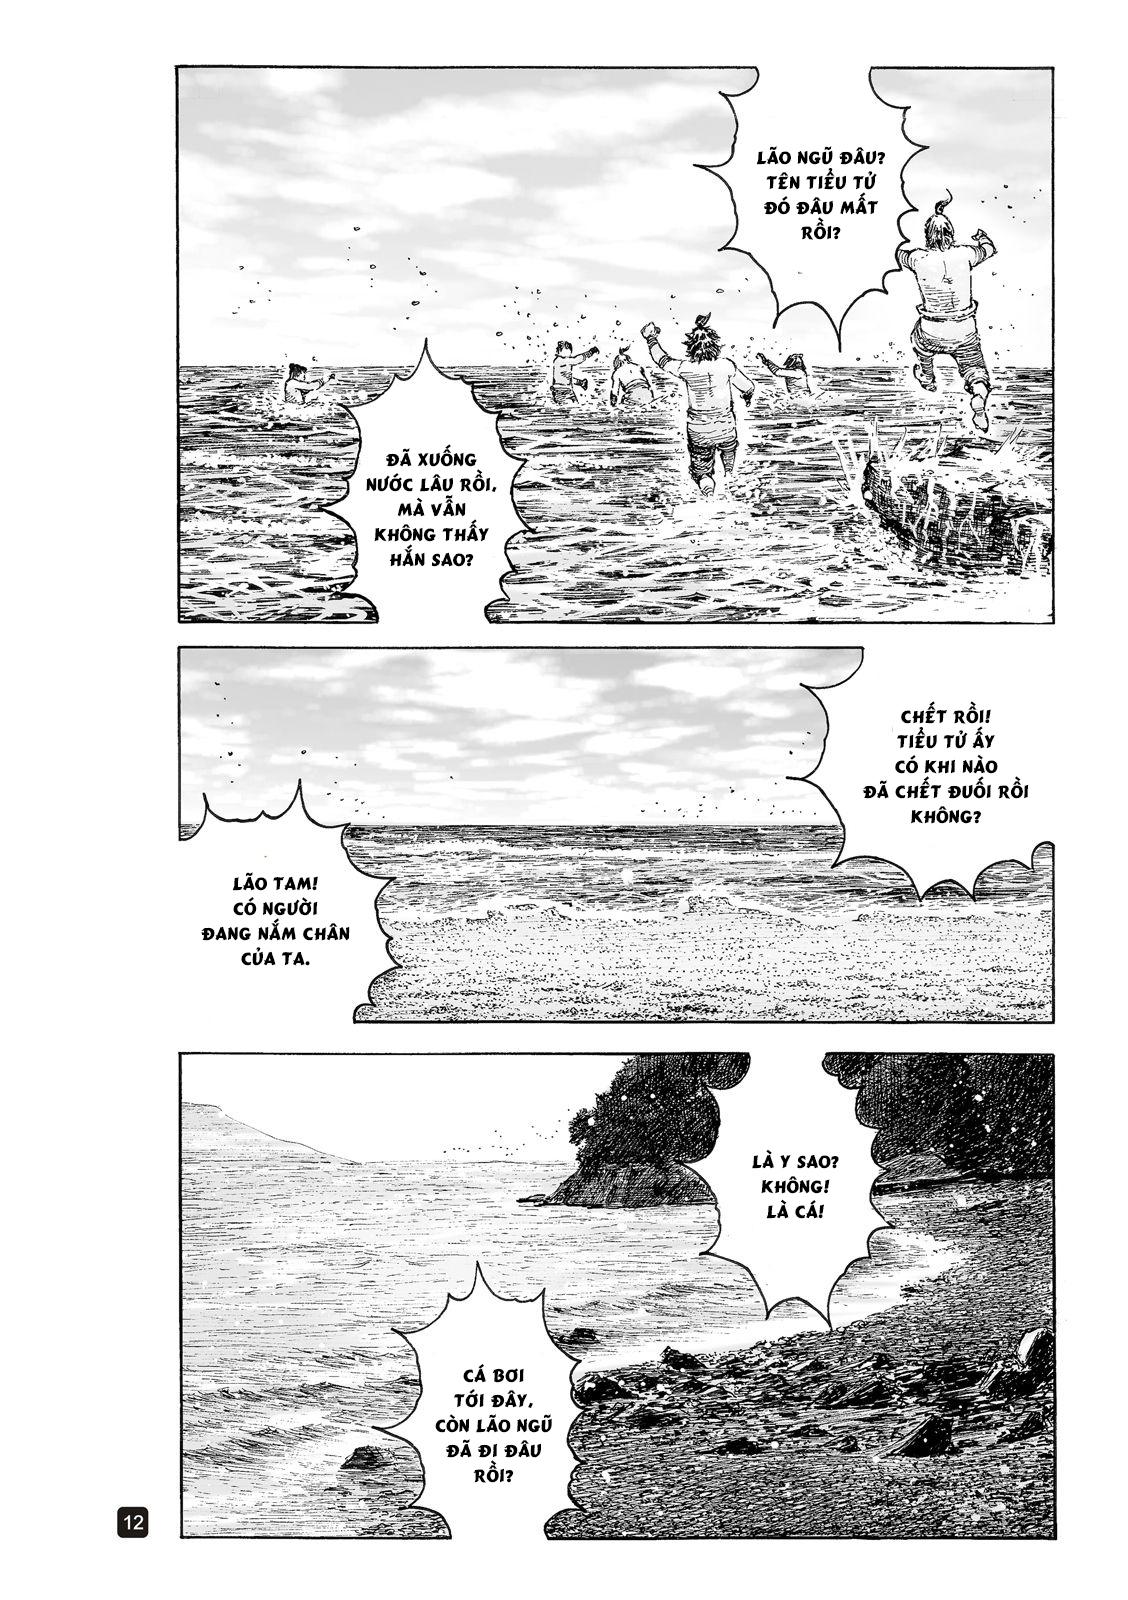 Hỏa phụng liêu nguyên Chương 525: Côn Bằng triển sí trang 12